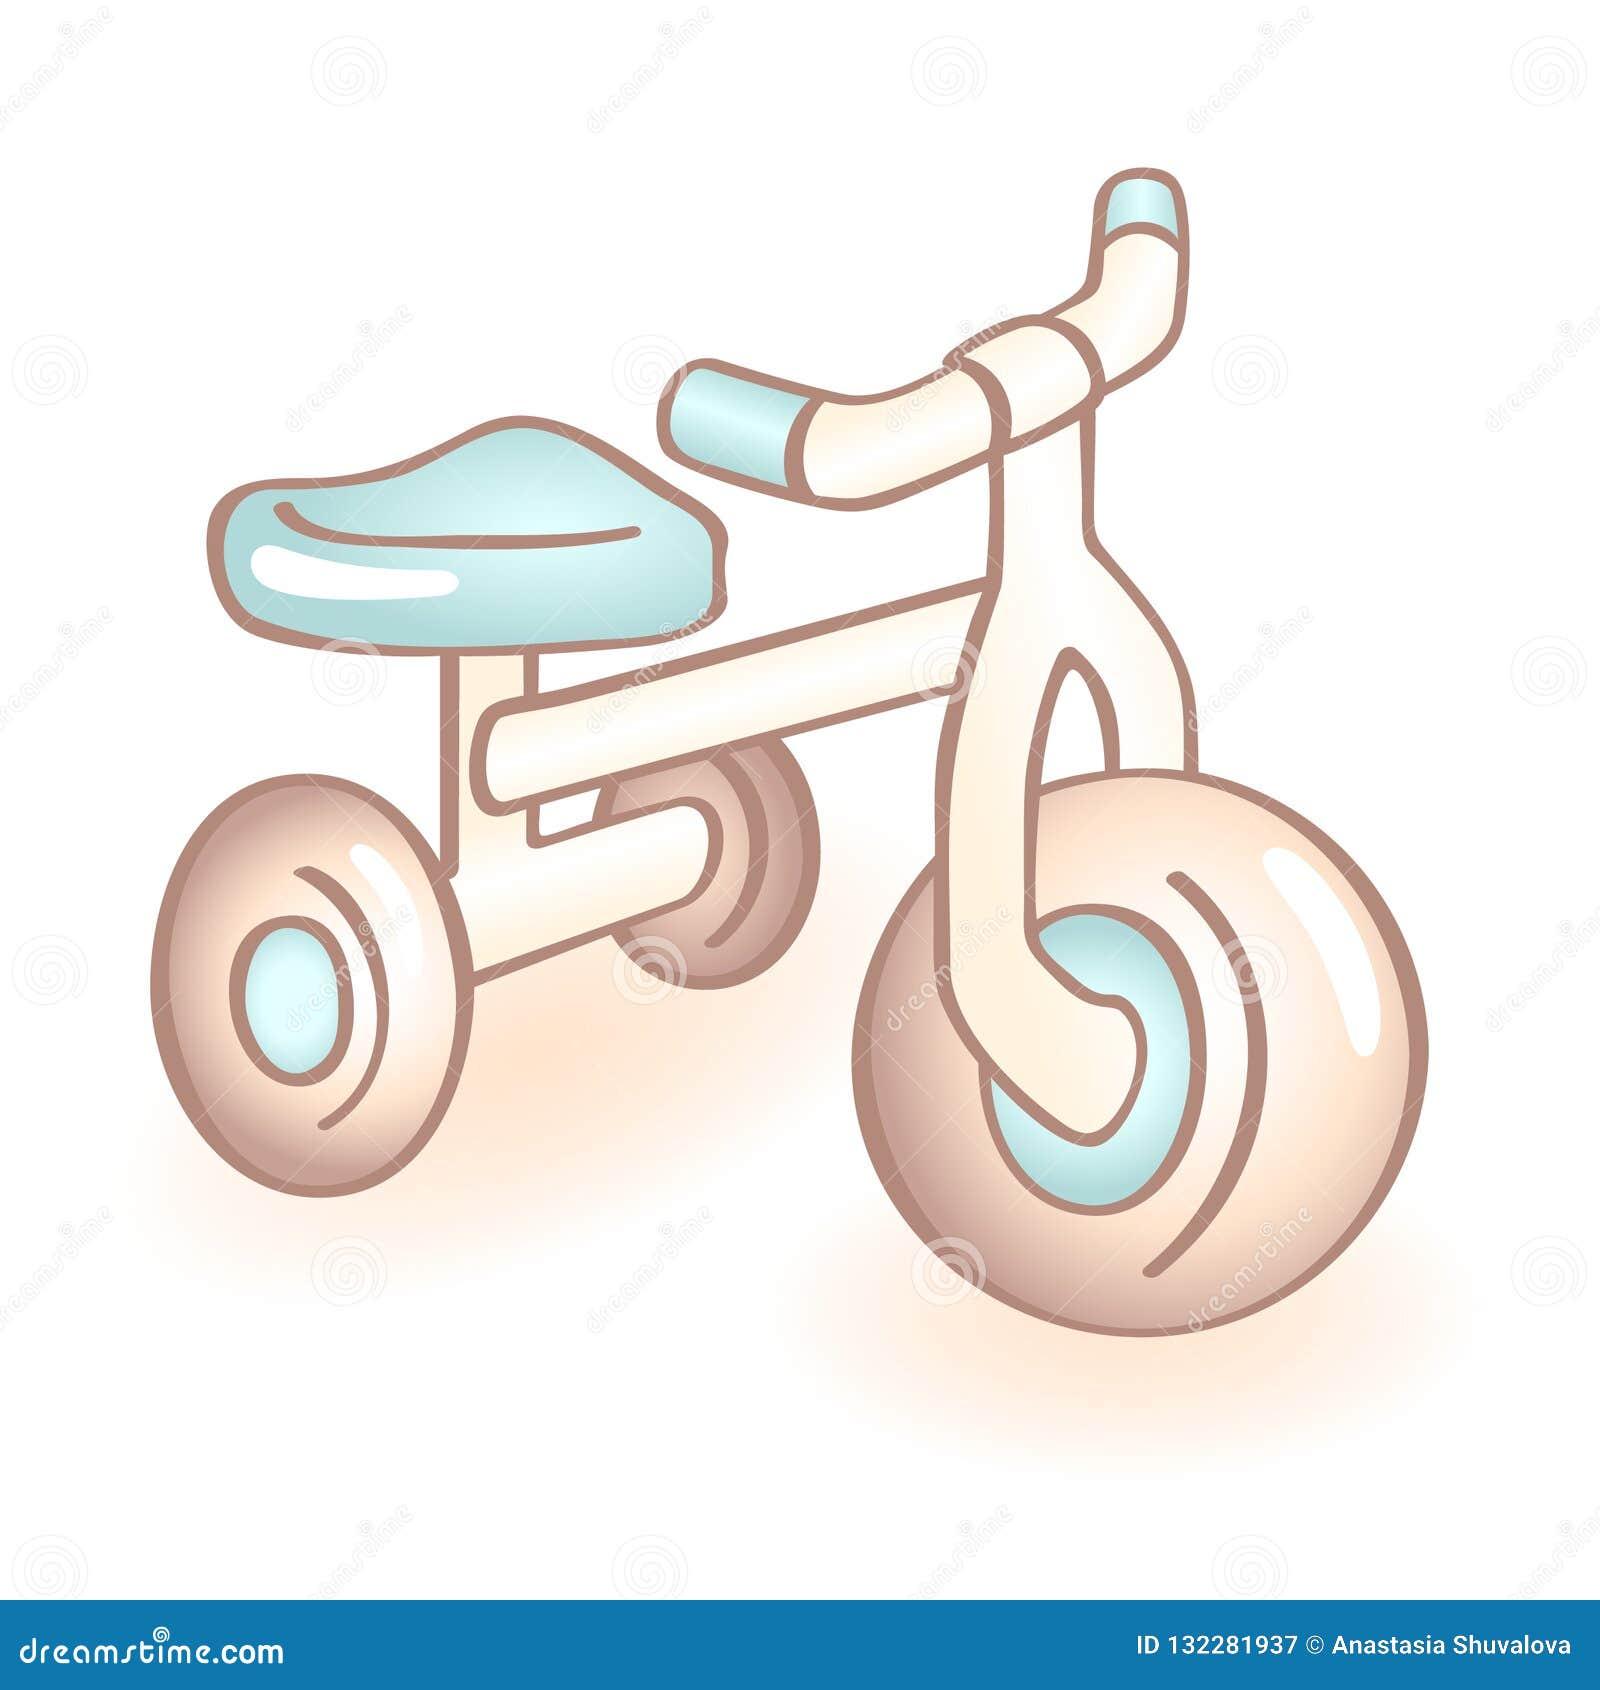 Bicicleta recém-nascida com três rodas, triciclo do bebê com detalhes azuis Ícone infantil do vetor Artigo da criança